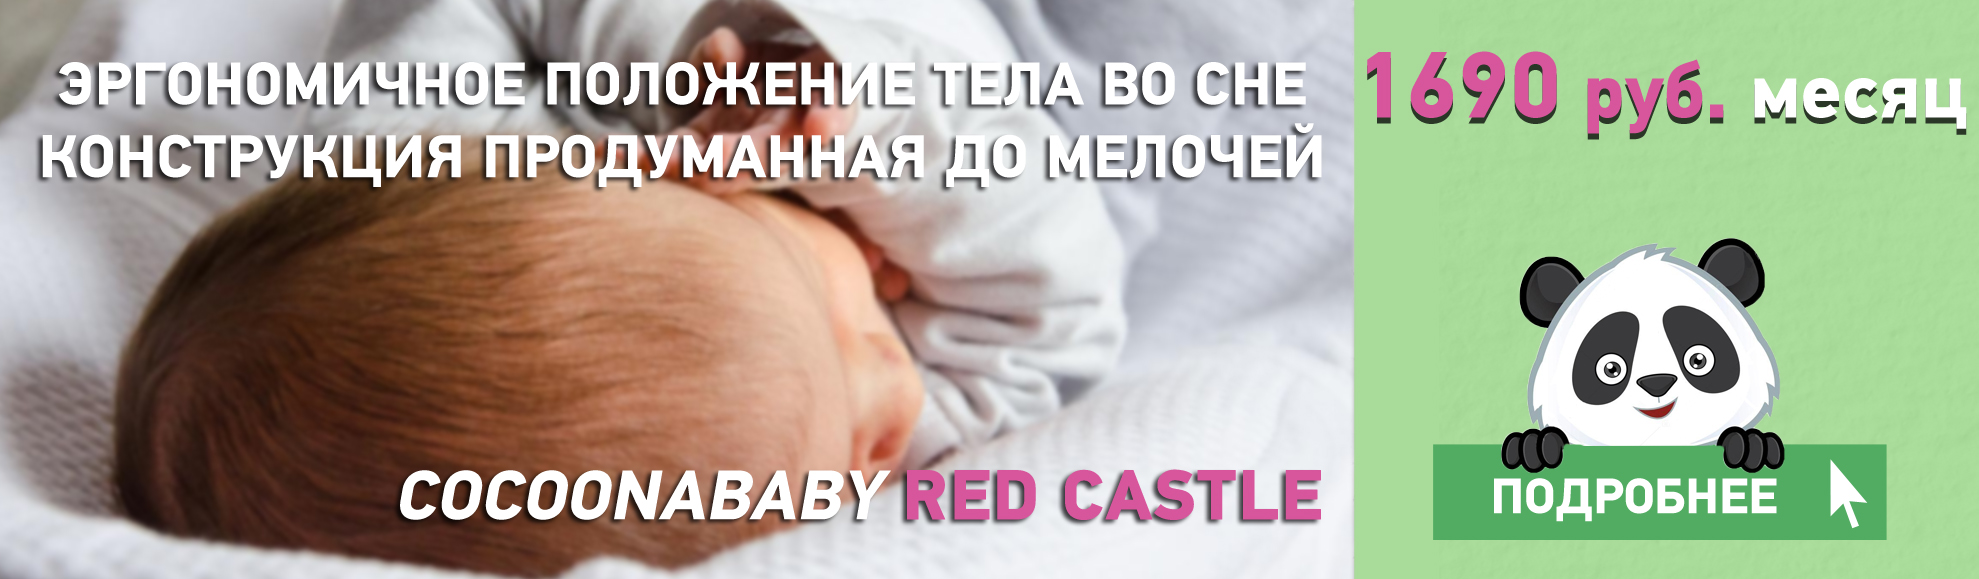 Взять в аренду кокон для новорожденных Red Castle в Москве